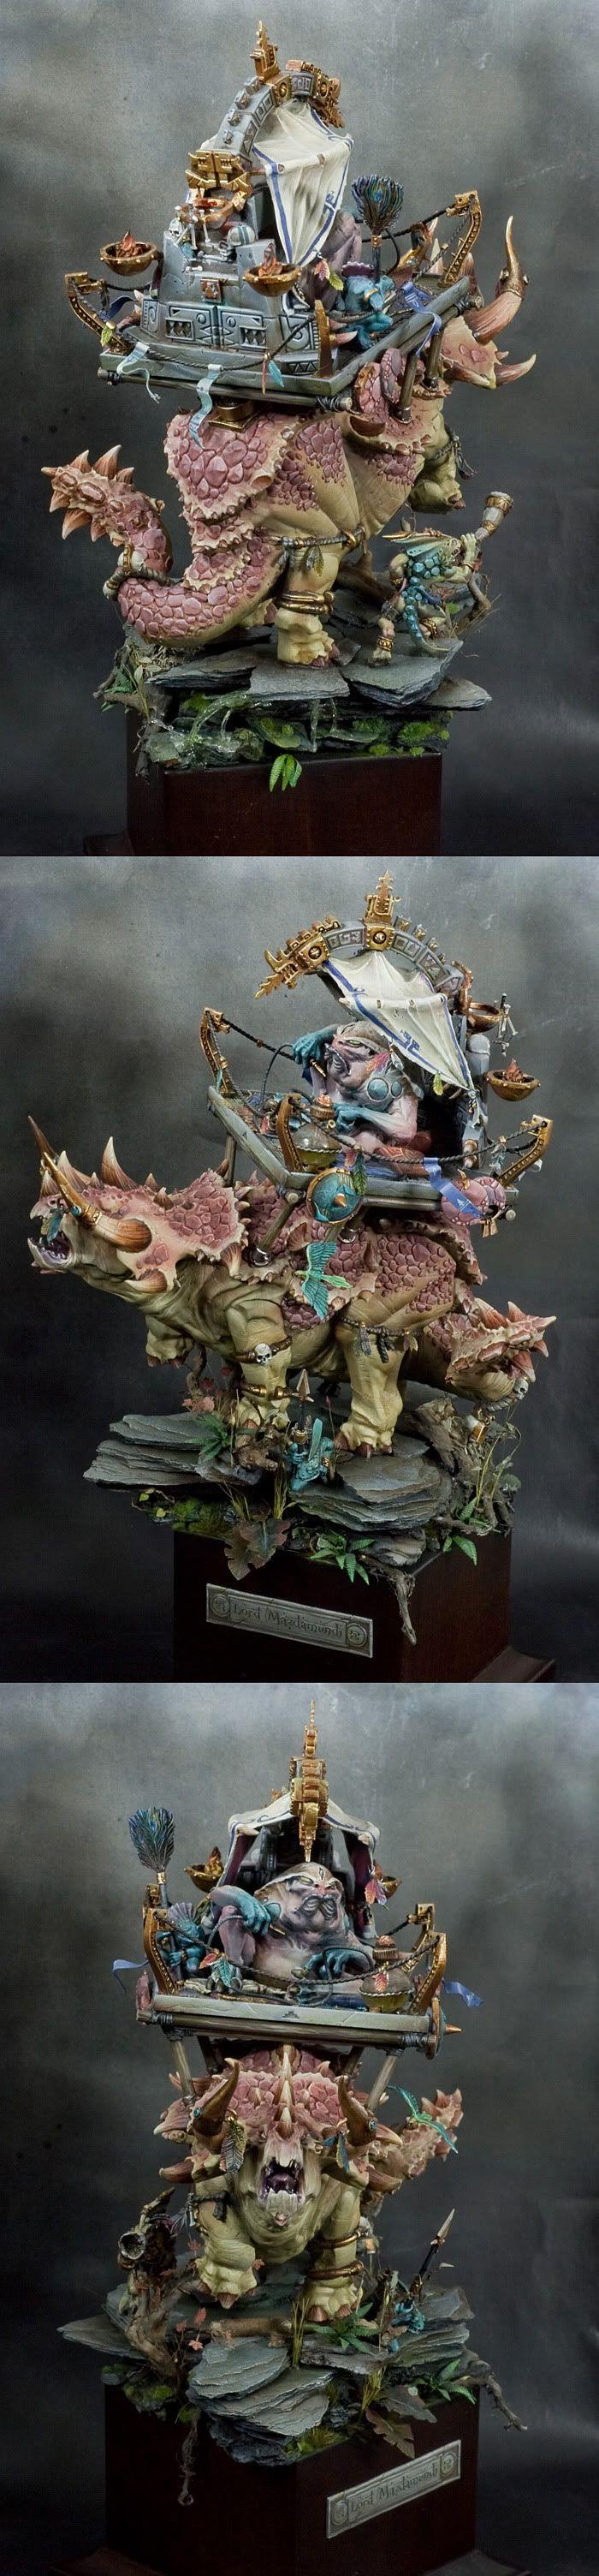 FRANCE 2009 - Monster or Rider - Demon Winner, the unofficial Golden Demon website